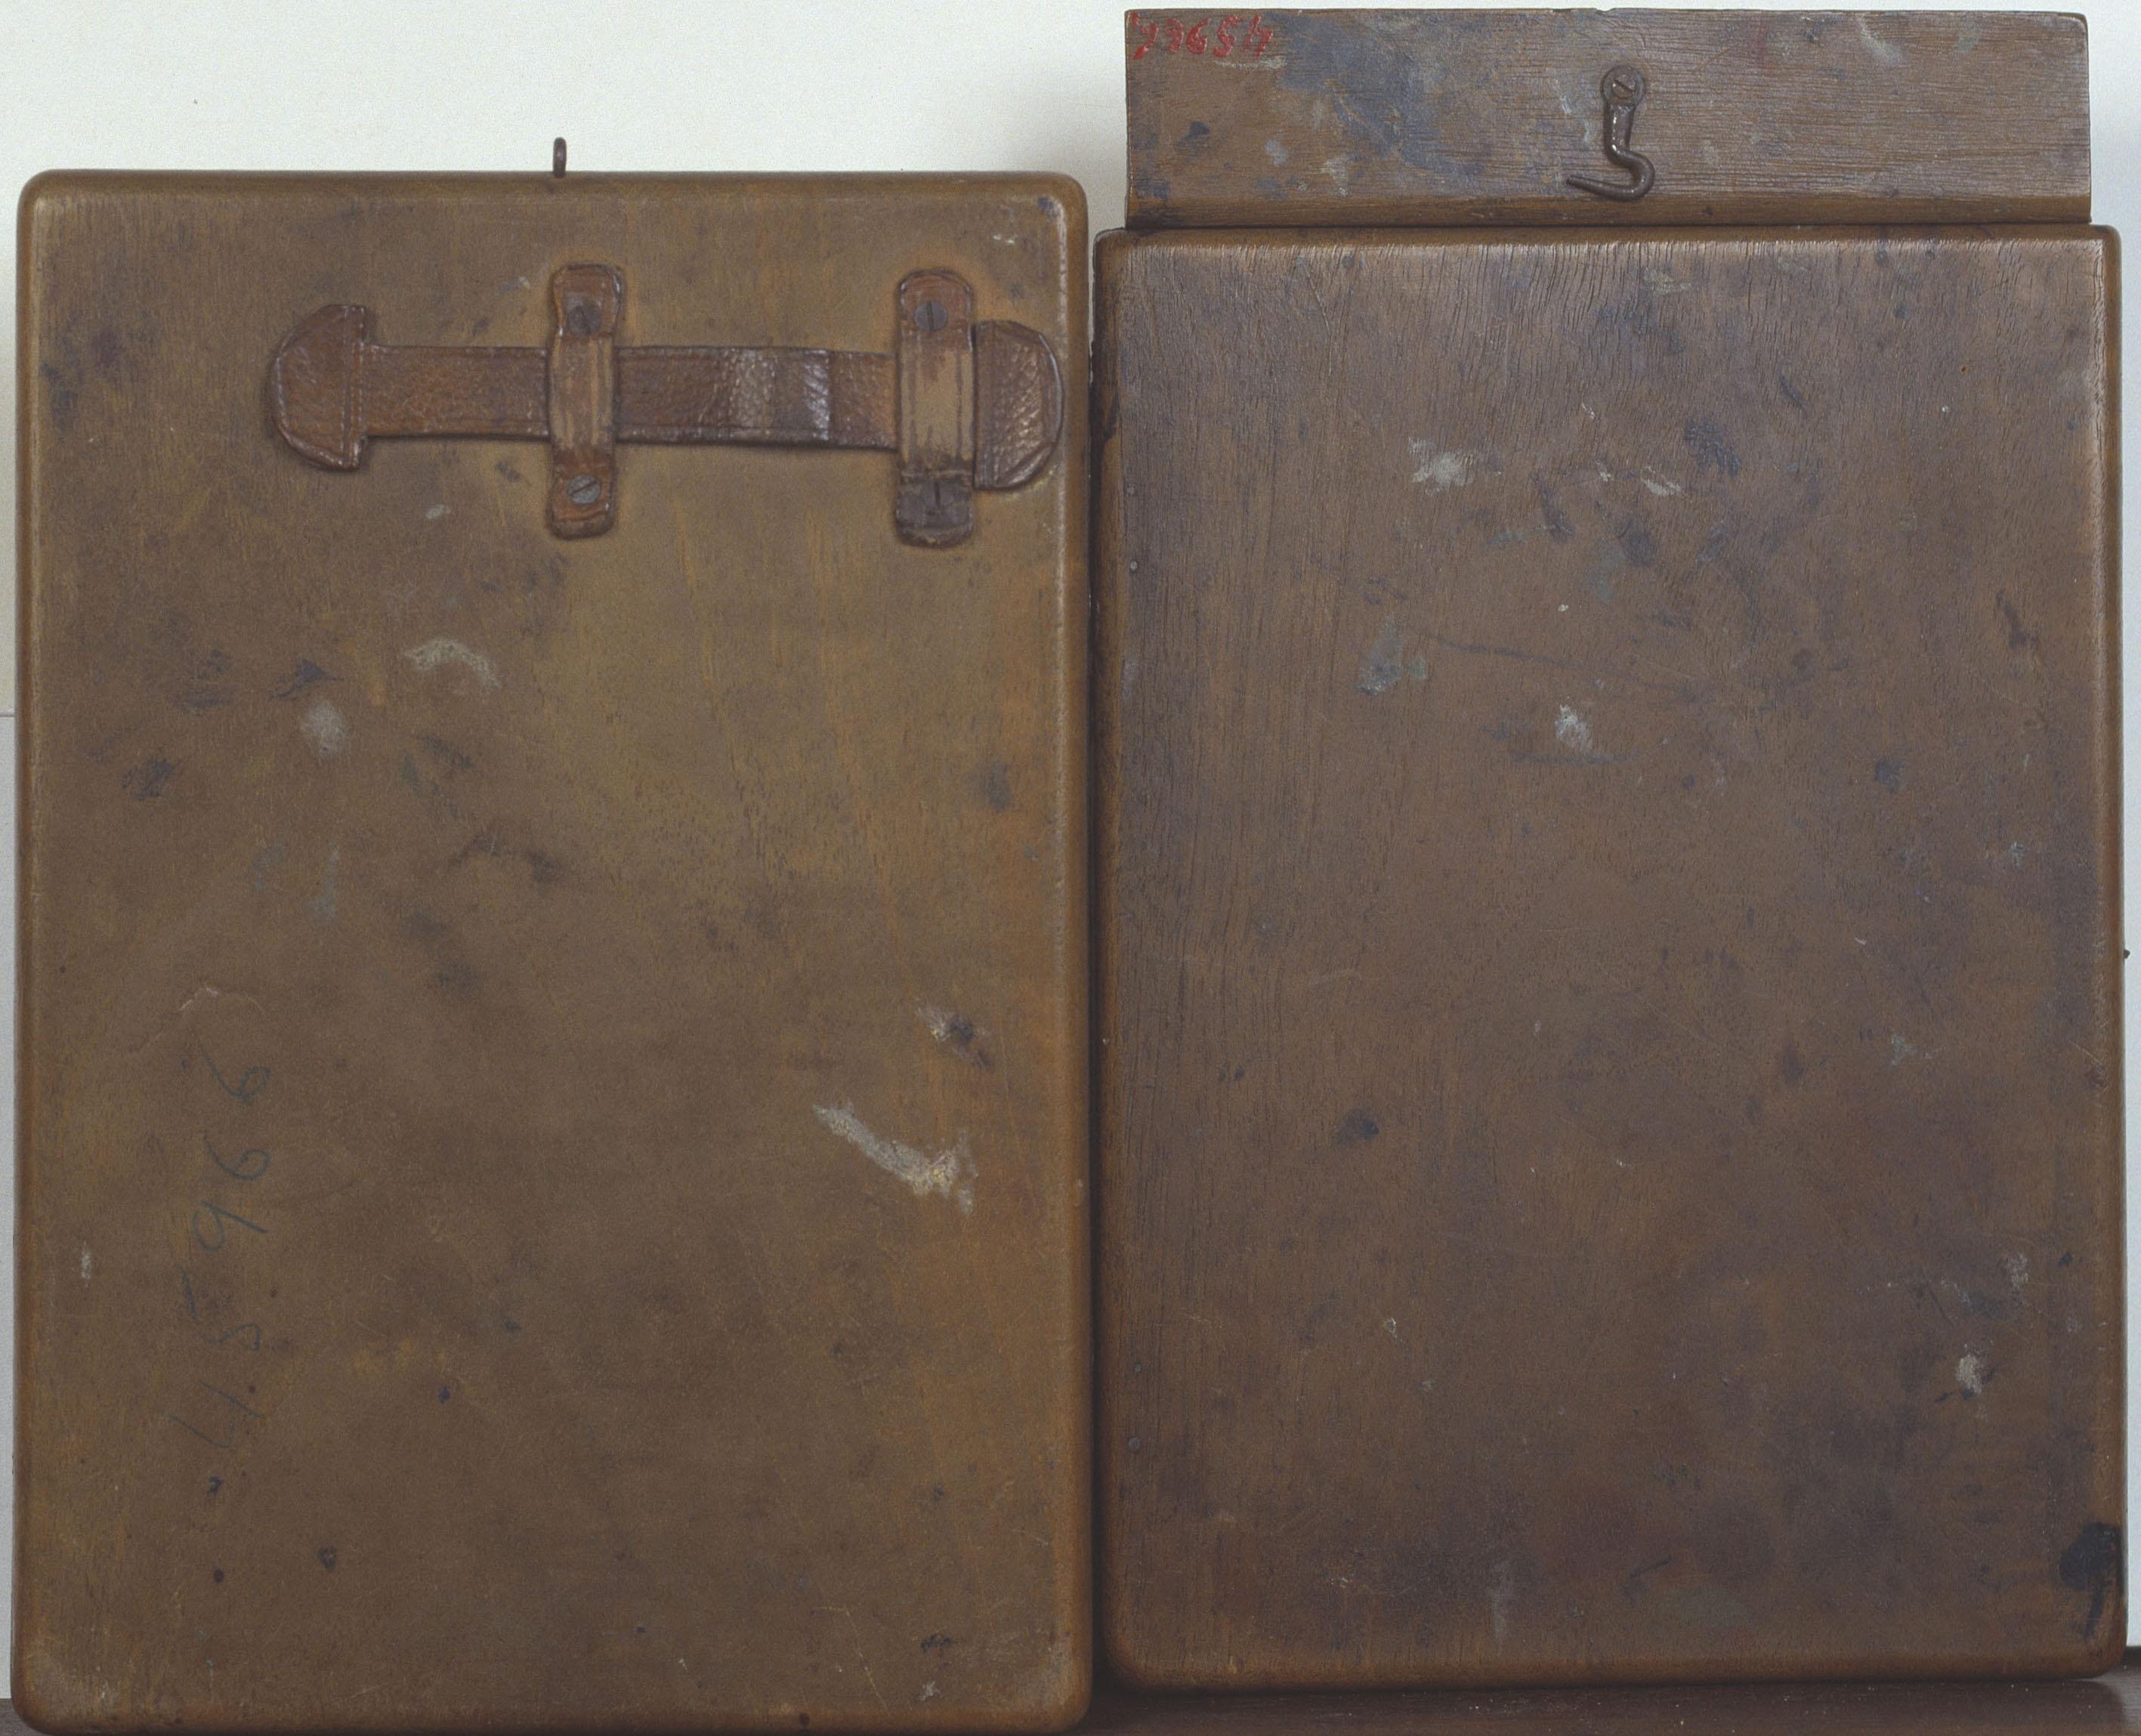 Marià Fortuny - Caixa-paleta de Marià Fortuny amb paisatge a la base interior - 1860-1874 [1]